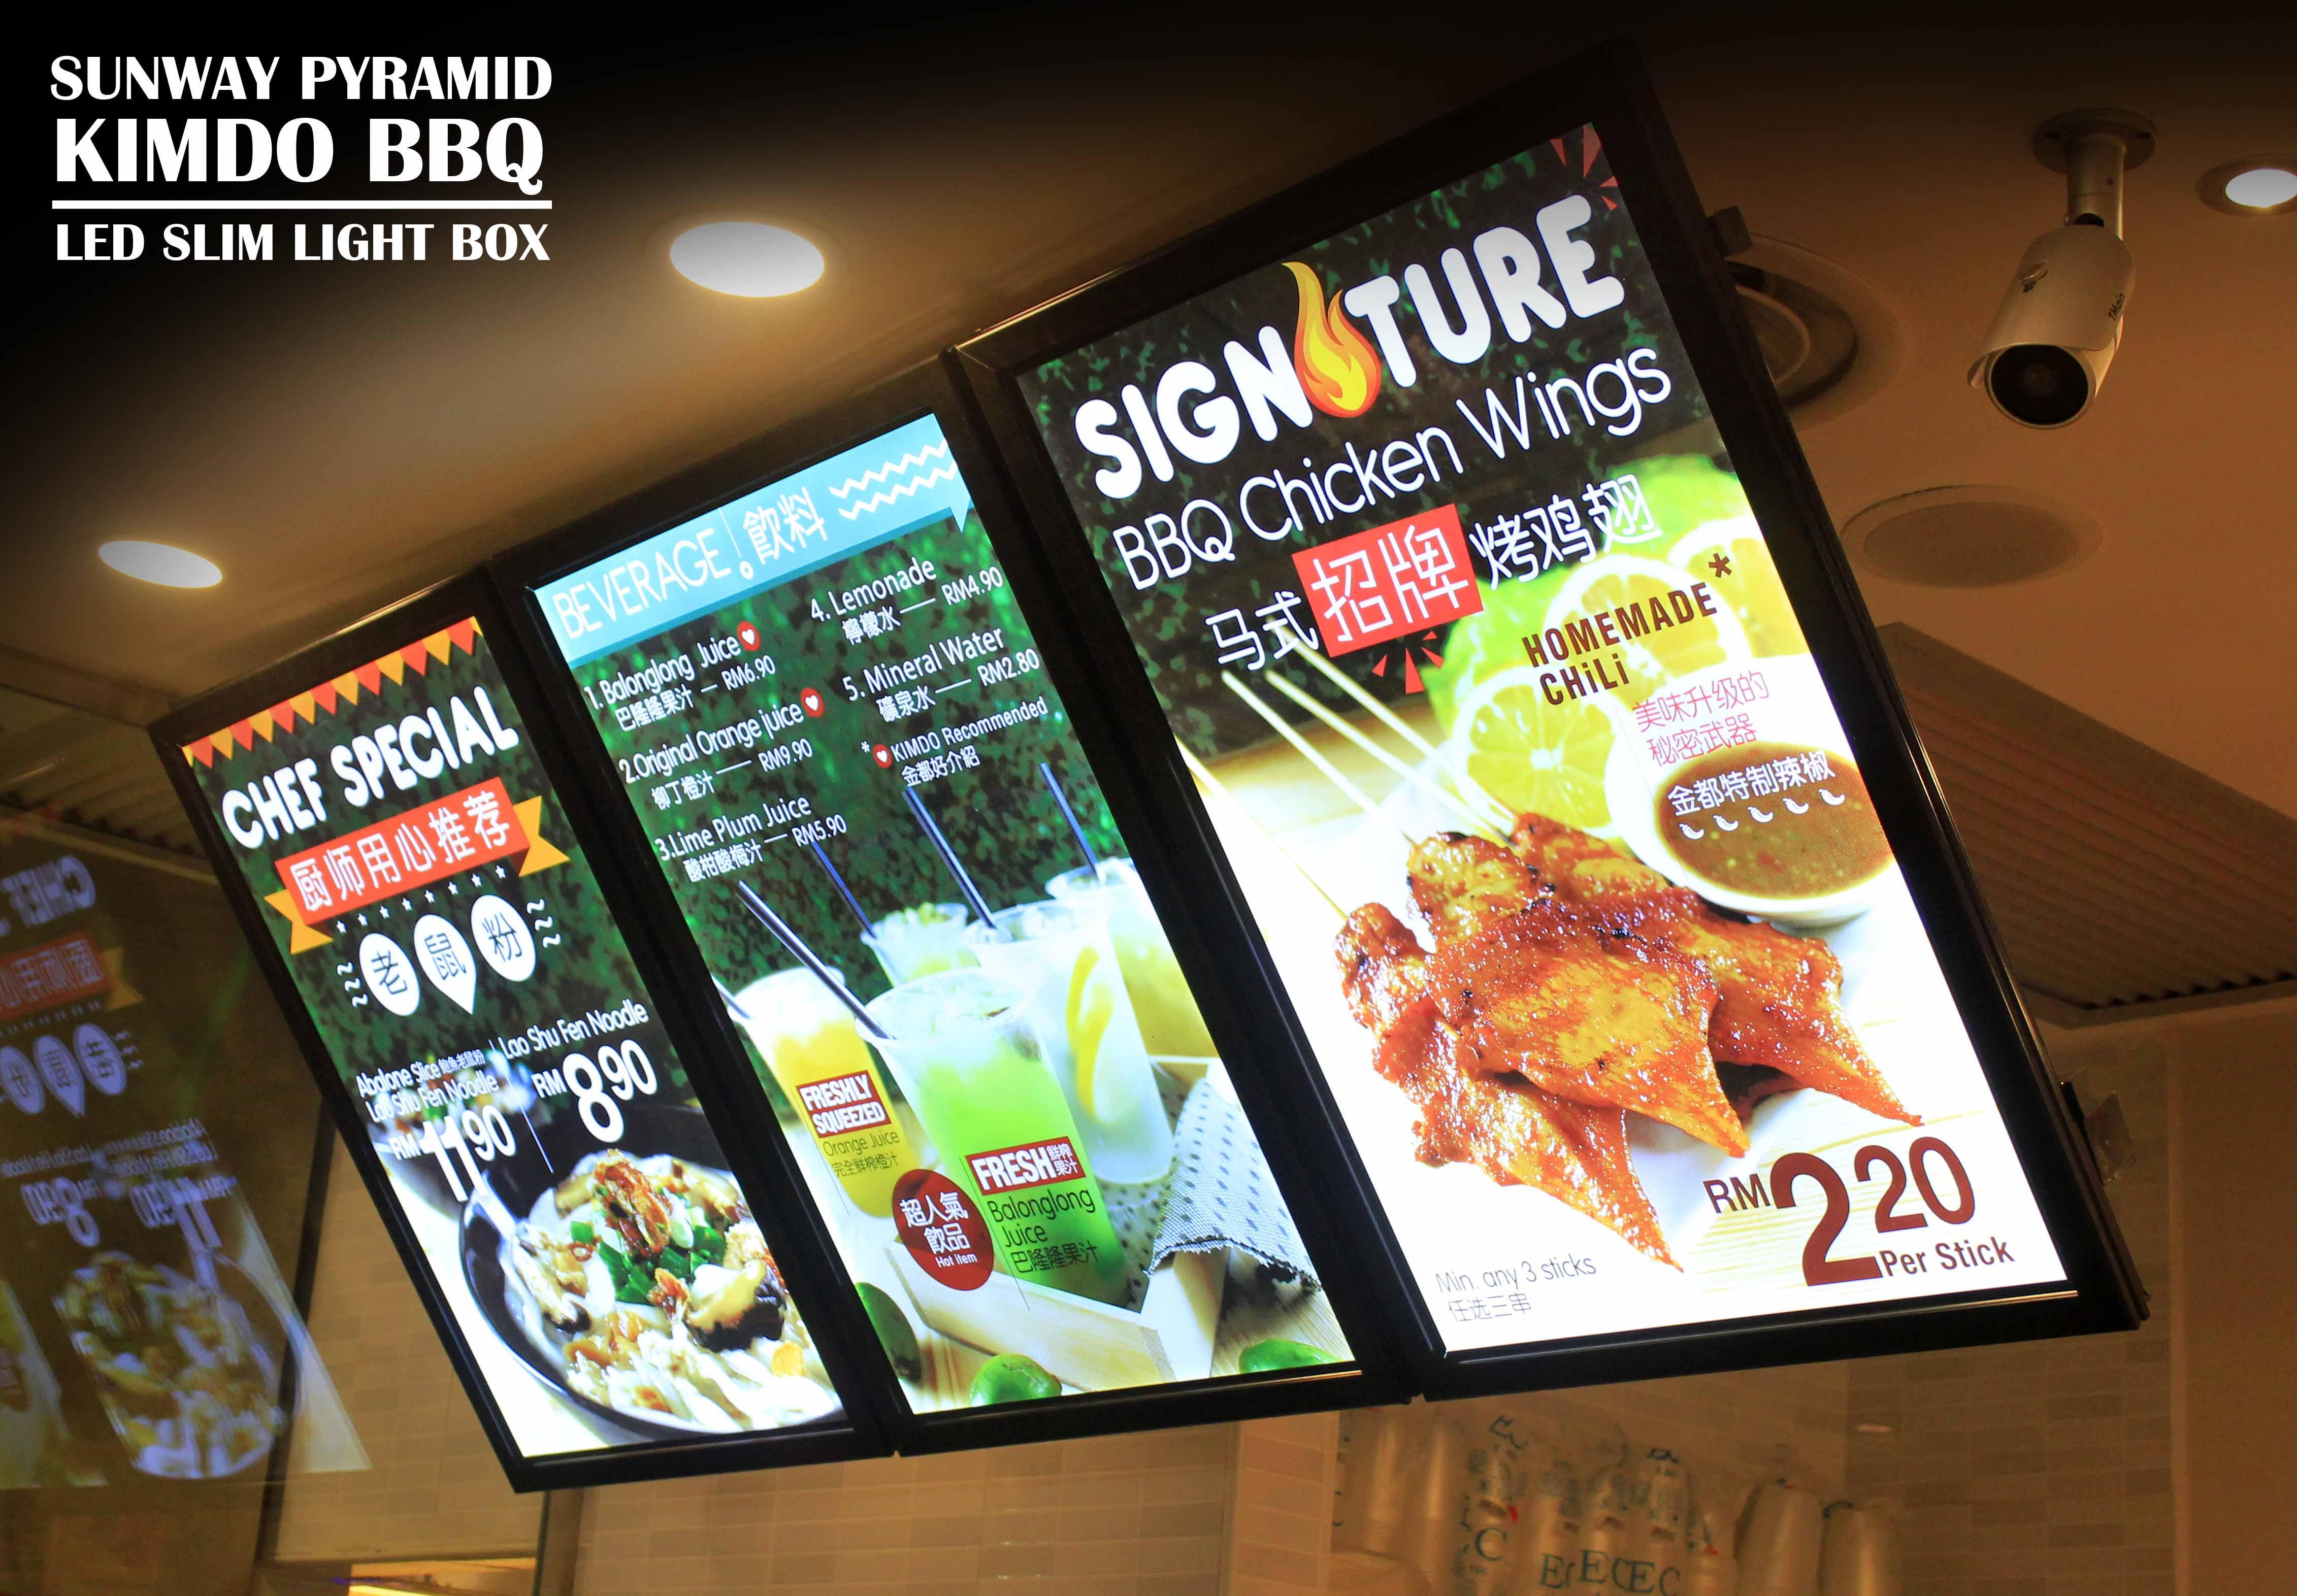 Led Slim Light Box Malaysia Signage